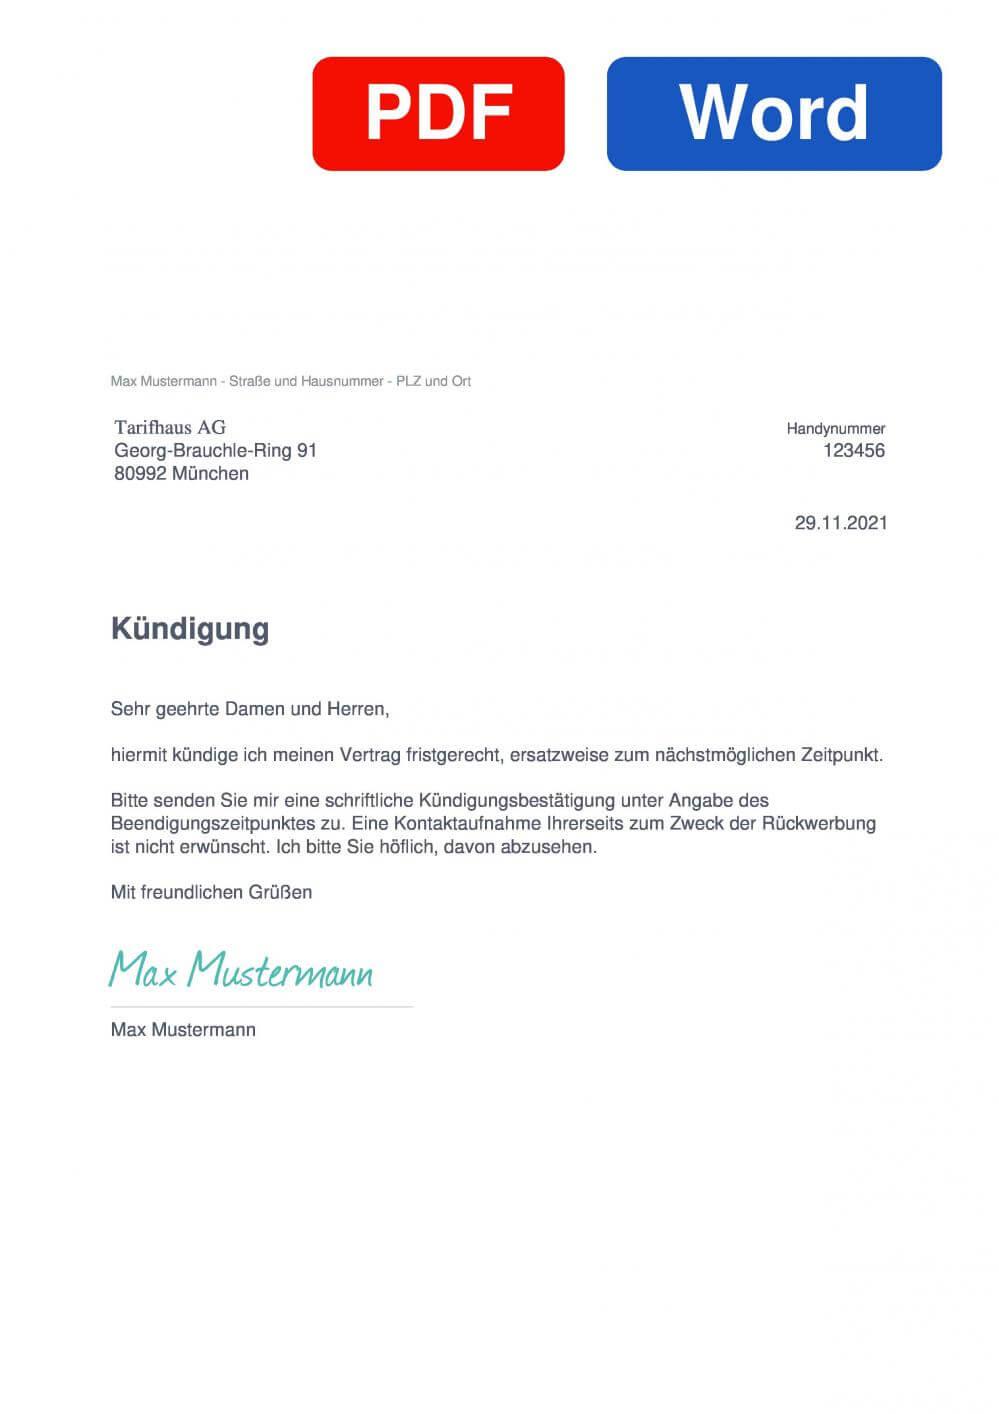 Tarifhaus Muster Vorlage für Kündigungsschreiben